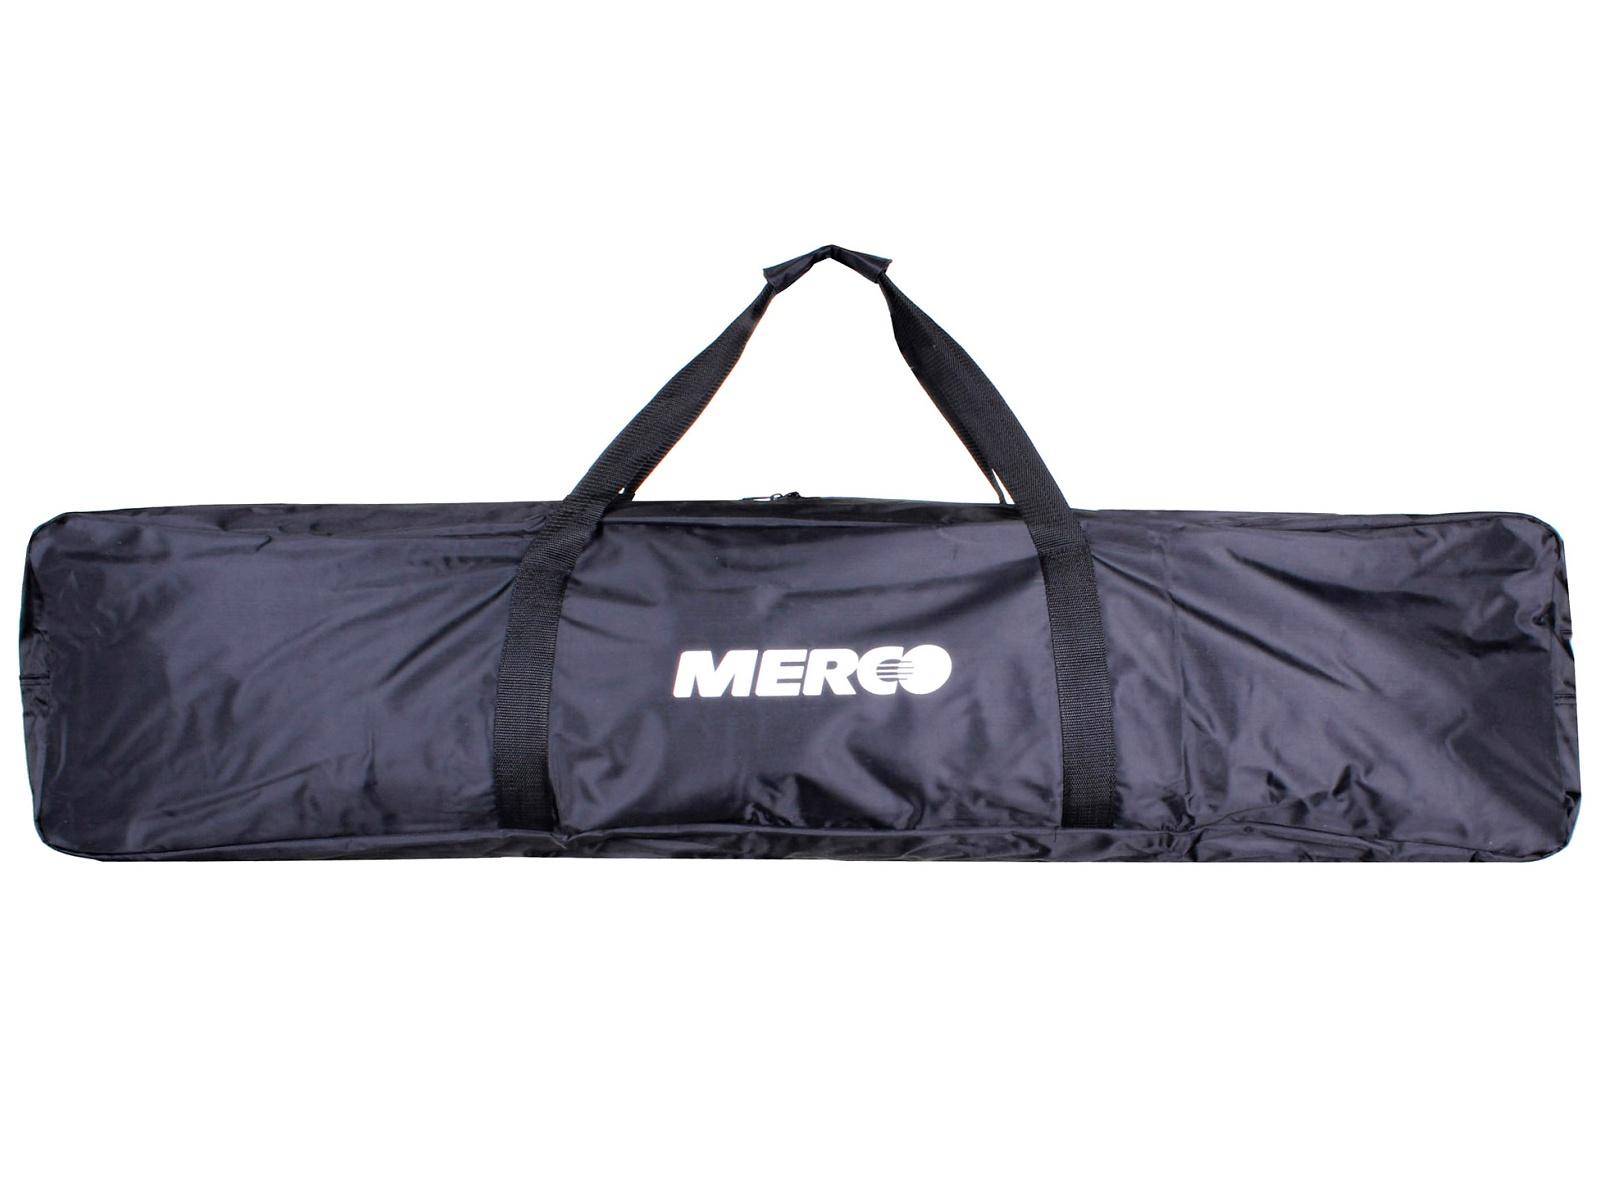 Florbalový vak MERCO FV-2 Toolbag černo-bílý